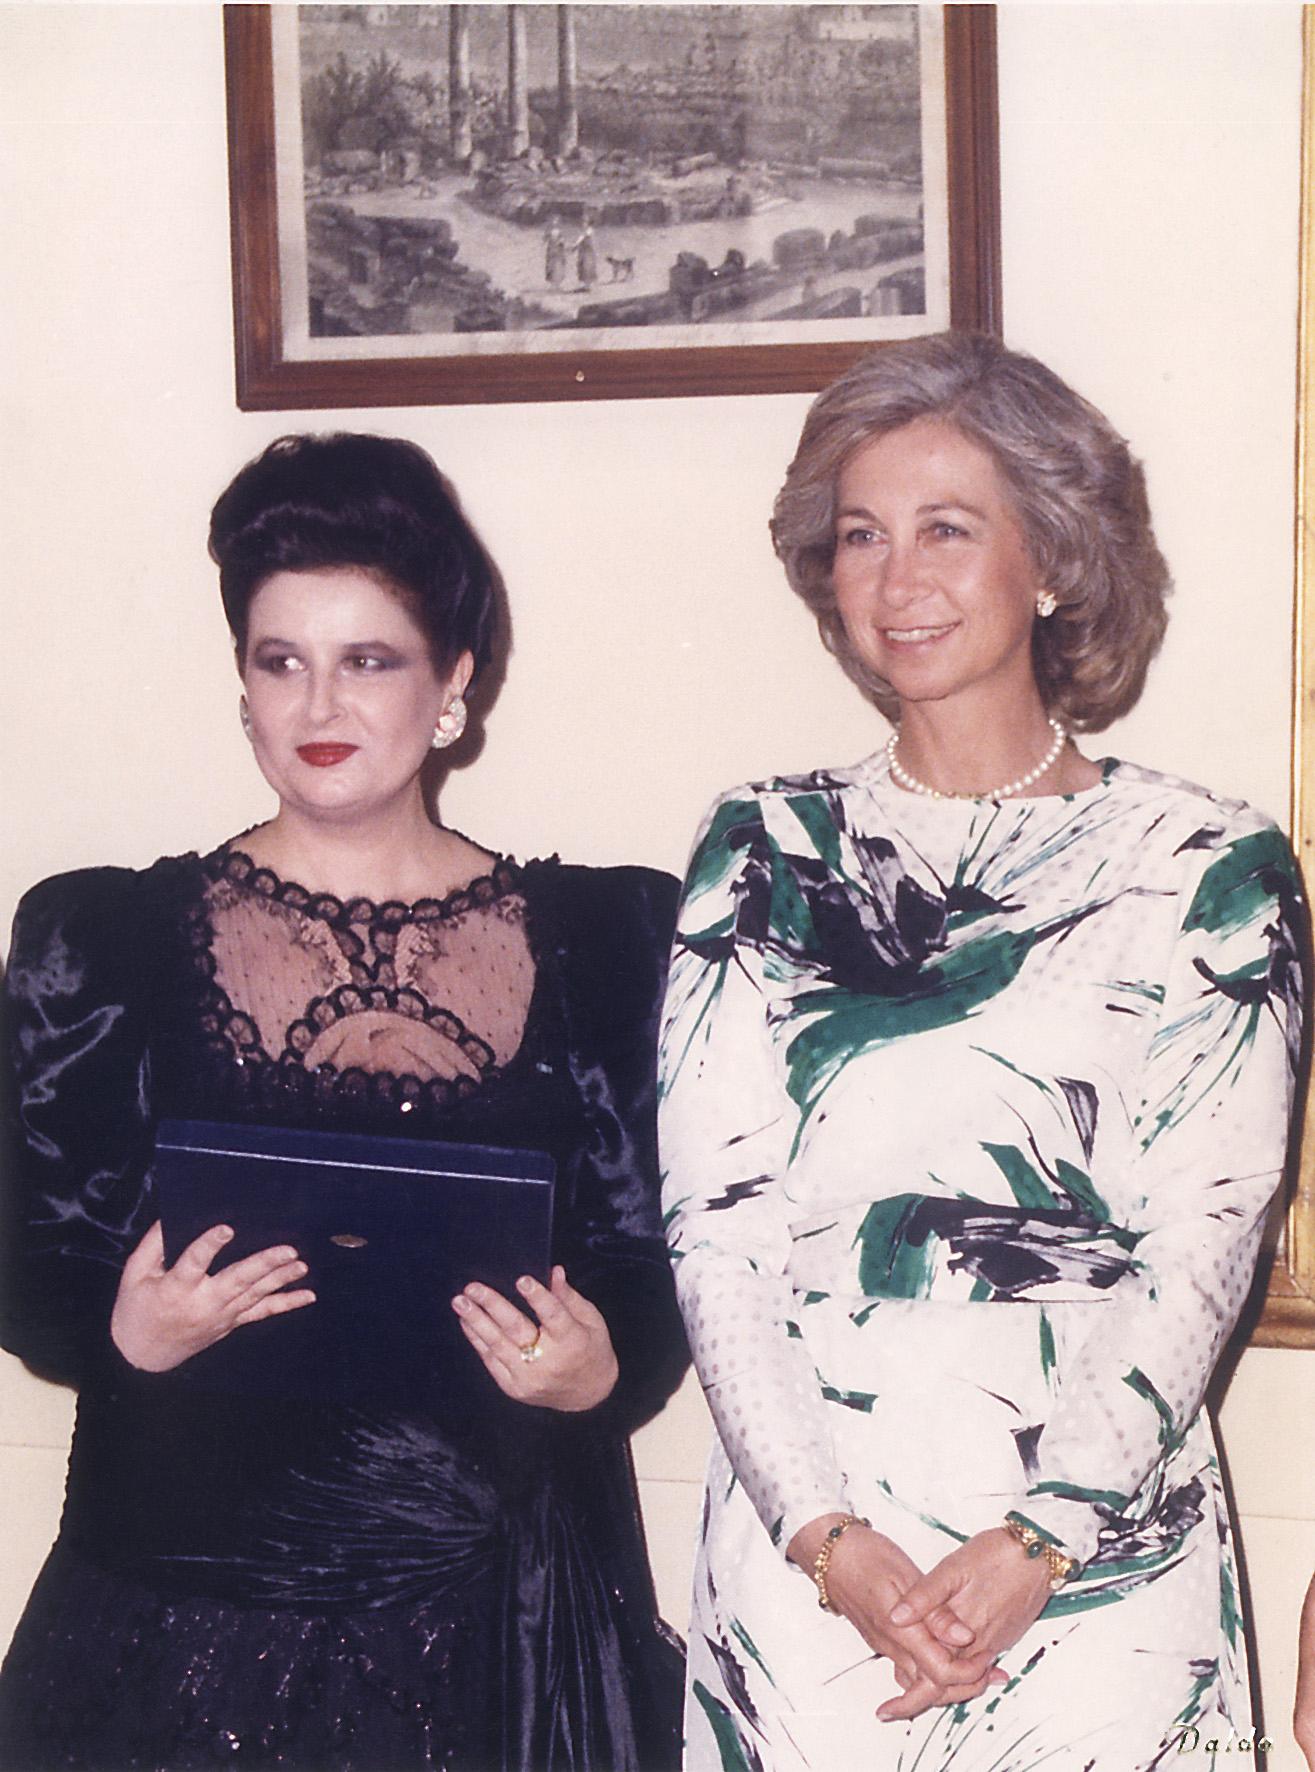 Invitată a Majestăţii Sale Regina Sofia a Spaniei. Palacio Real, Madrid